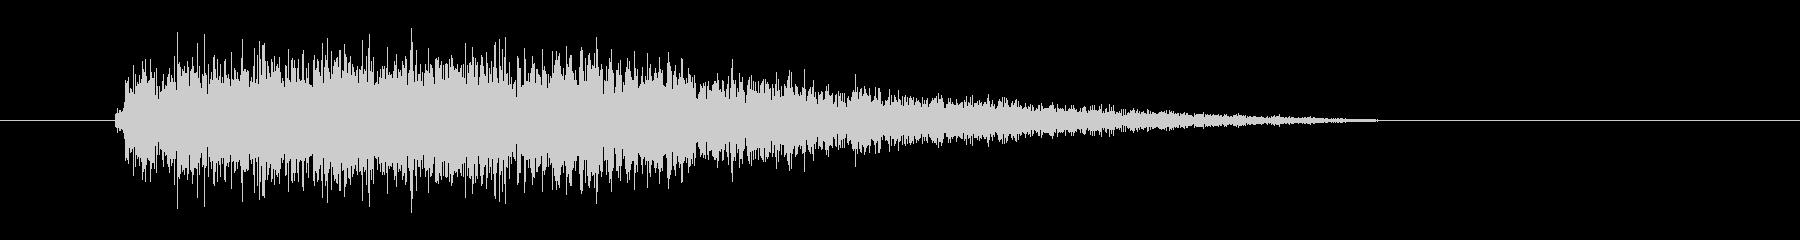 レーザー音-74-3の未再生の波形